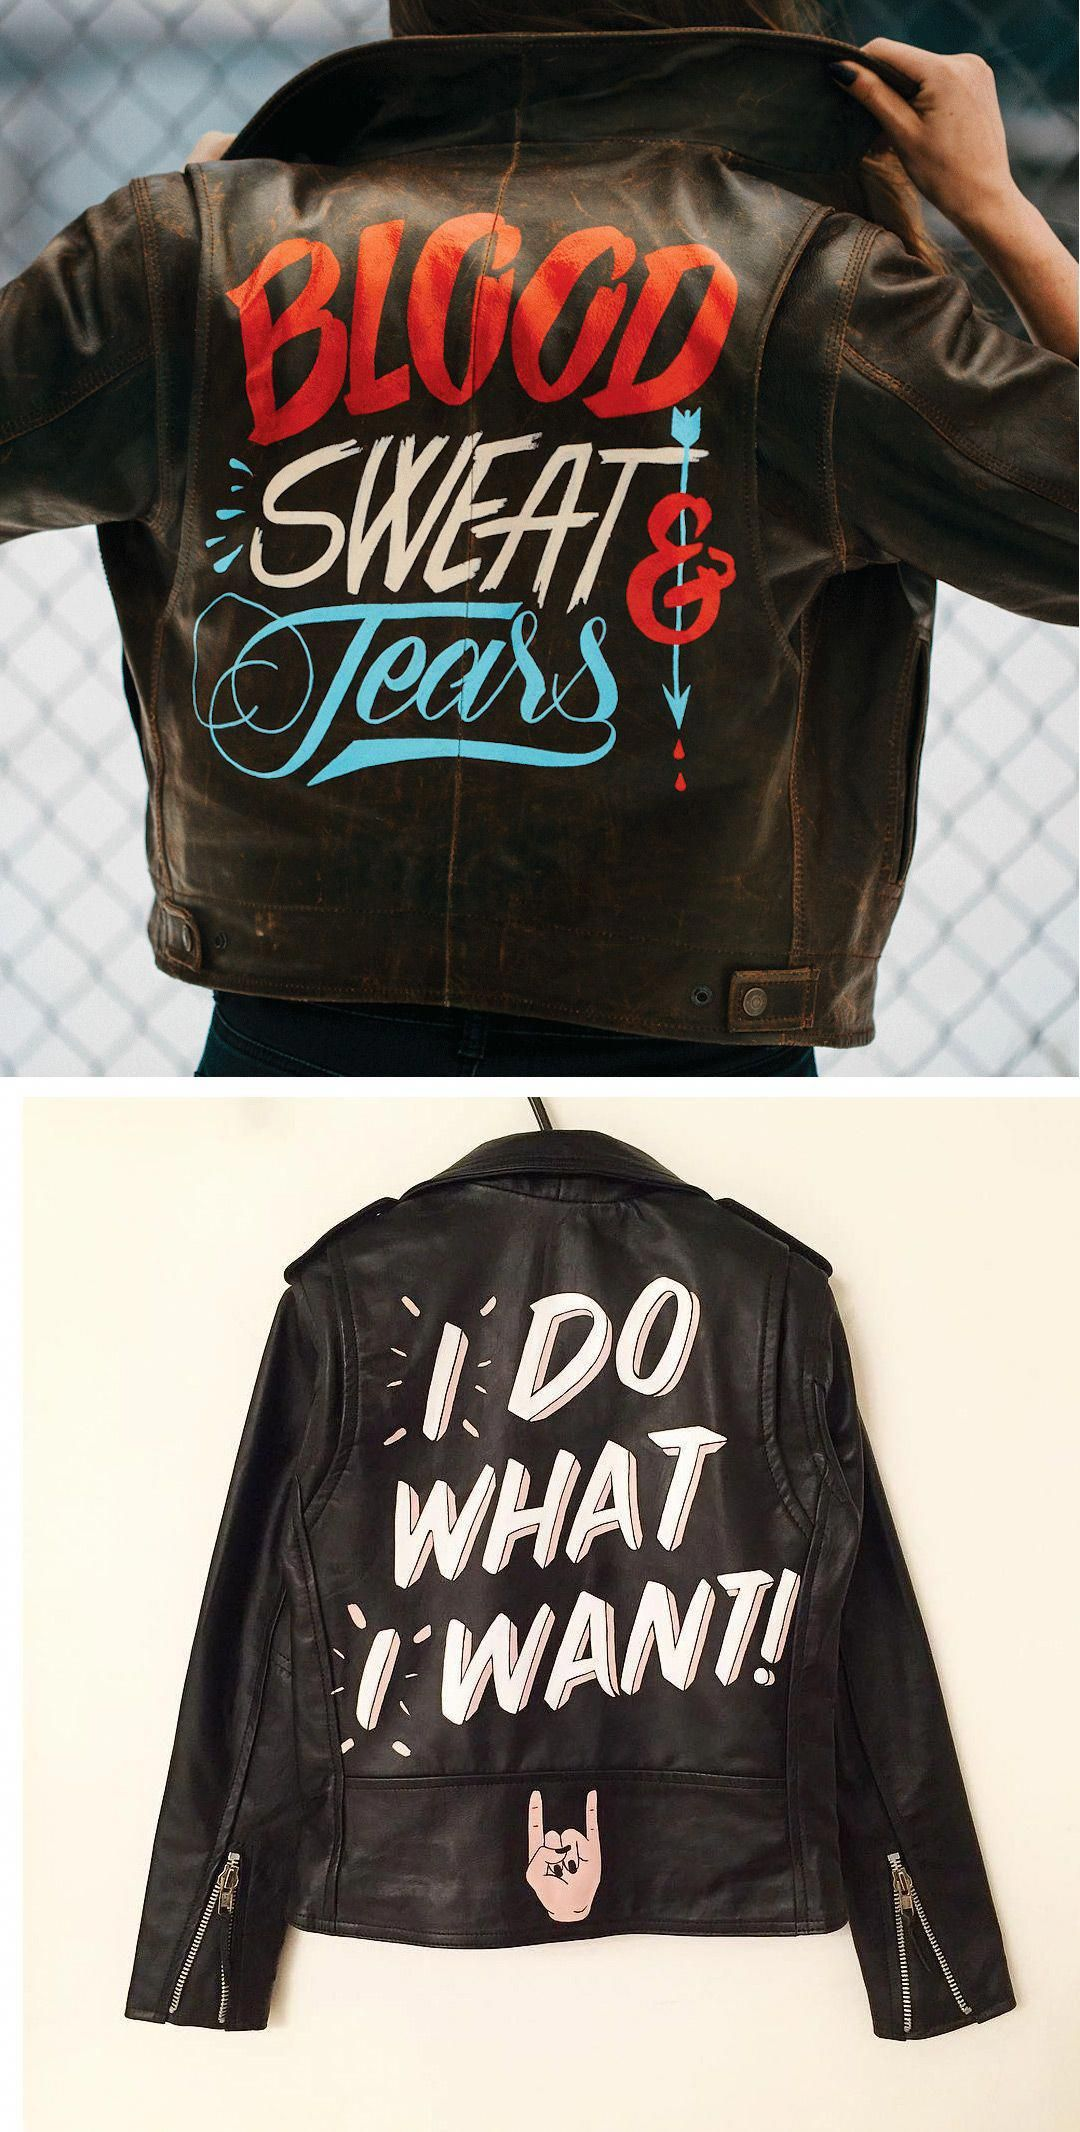 Painted Leather Jackets Hand Painted Jacket Illustration On Jacket Hand Lettered Fashion Jack Painted Leather Jacket Painted Jacket Painted Denim Jacket